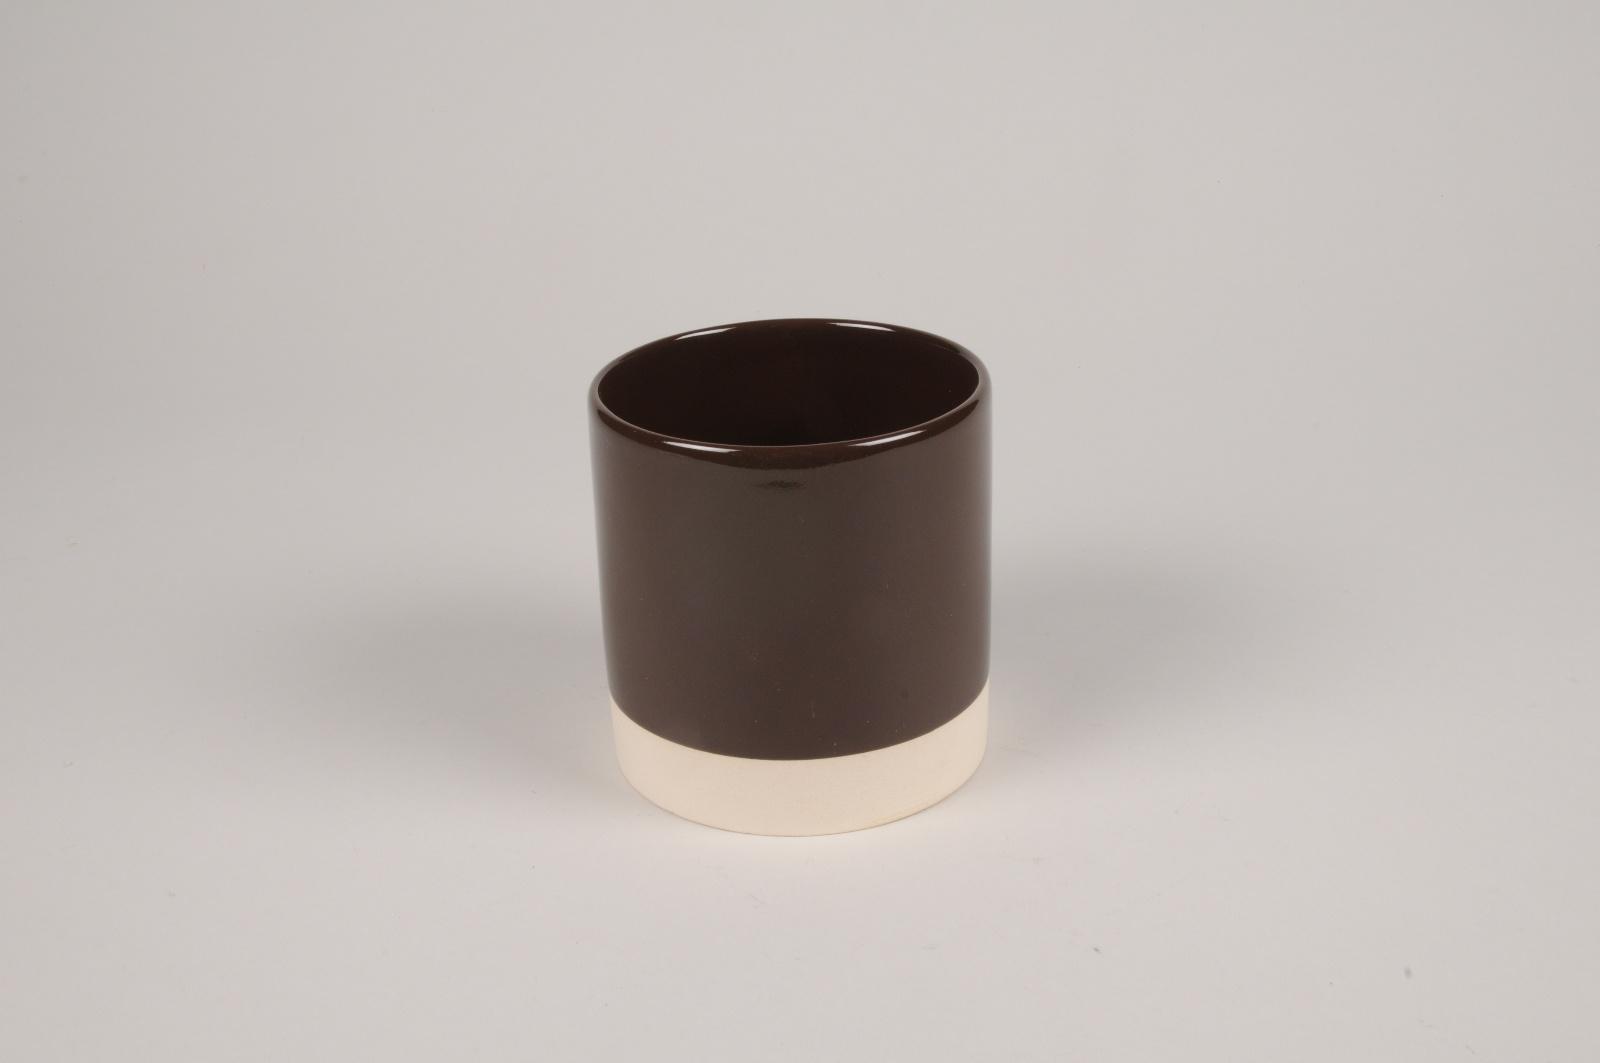 A033AA Cache-pot en céramique chocolat D11cm H11.5cm